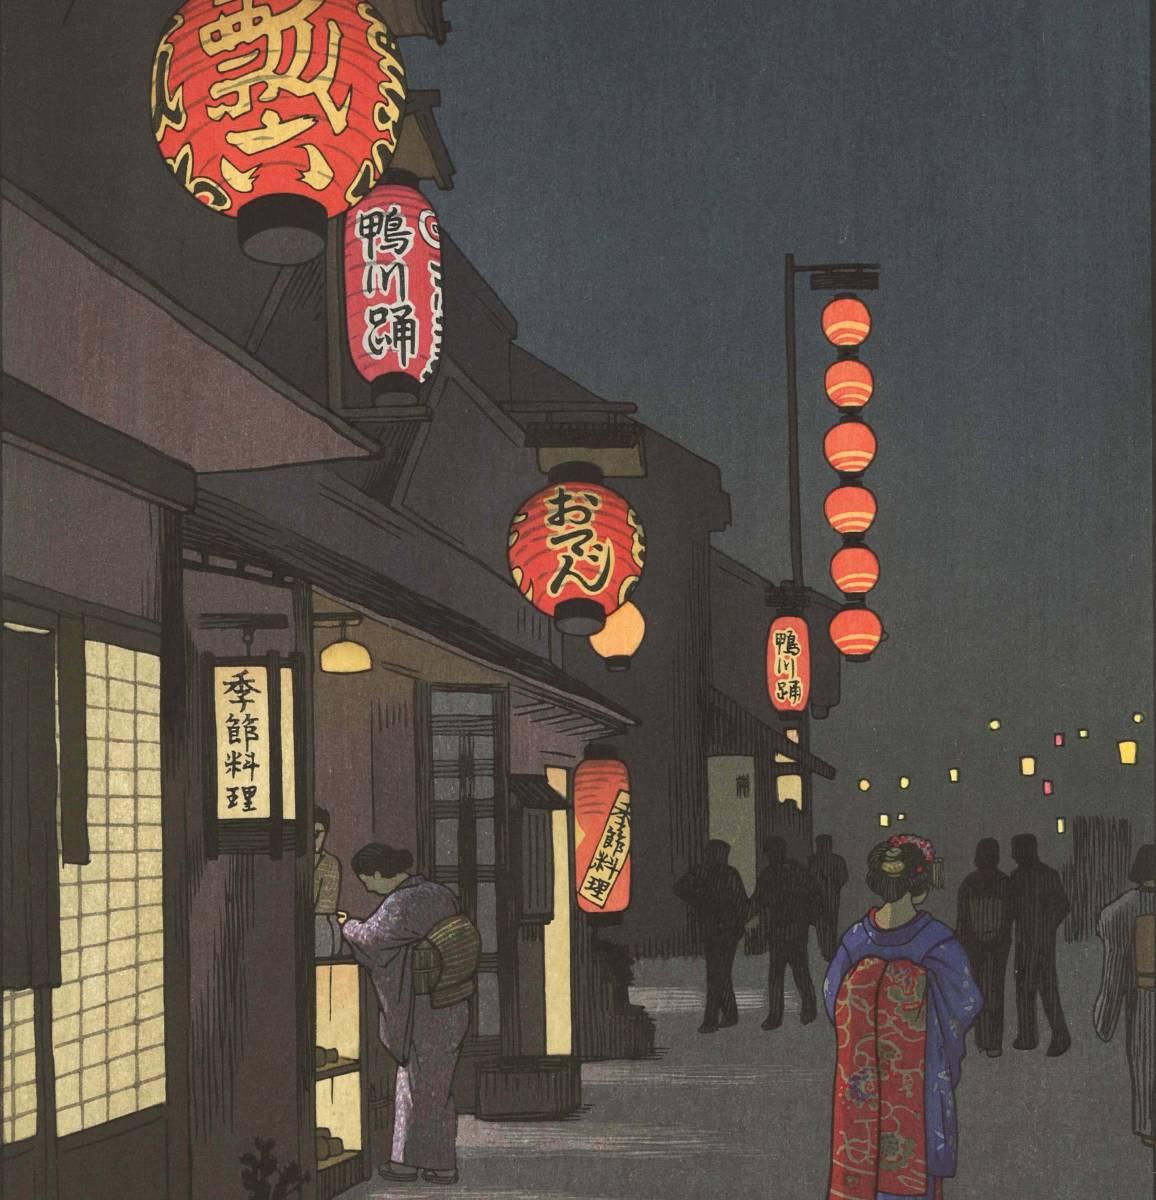 吉田遠志 木版画 018501 瓢六 (Hyoroku) 初摺1951年  最高峰の摺師の技をご堪能下さい!!_画像7